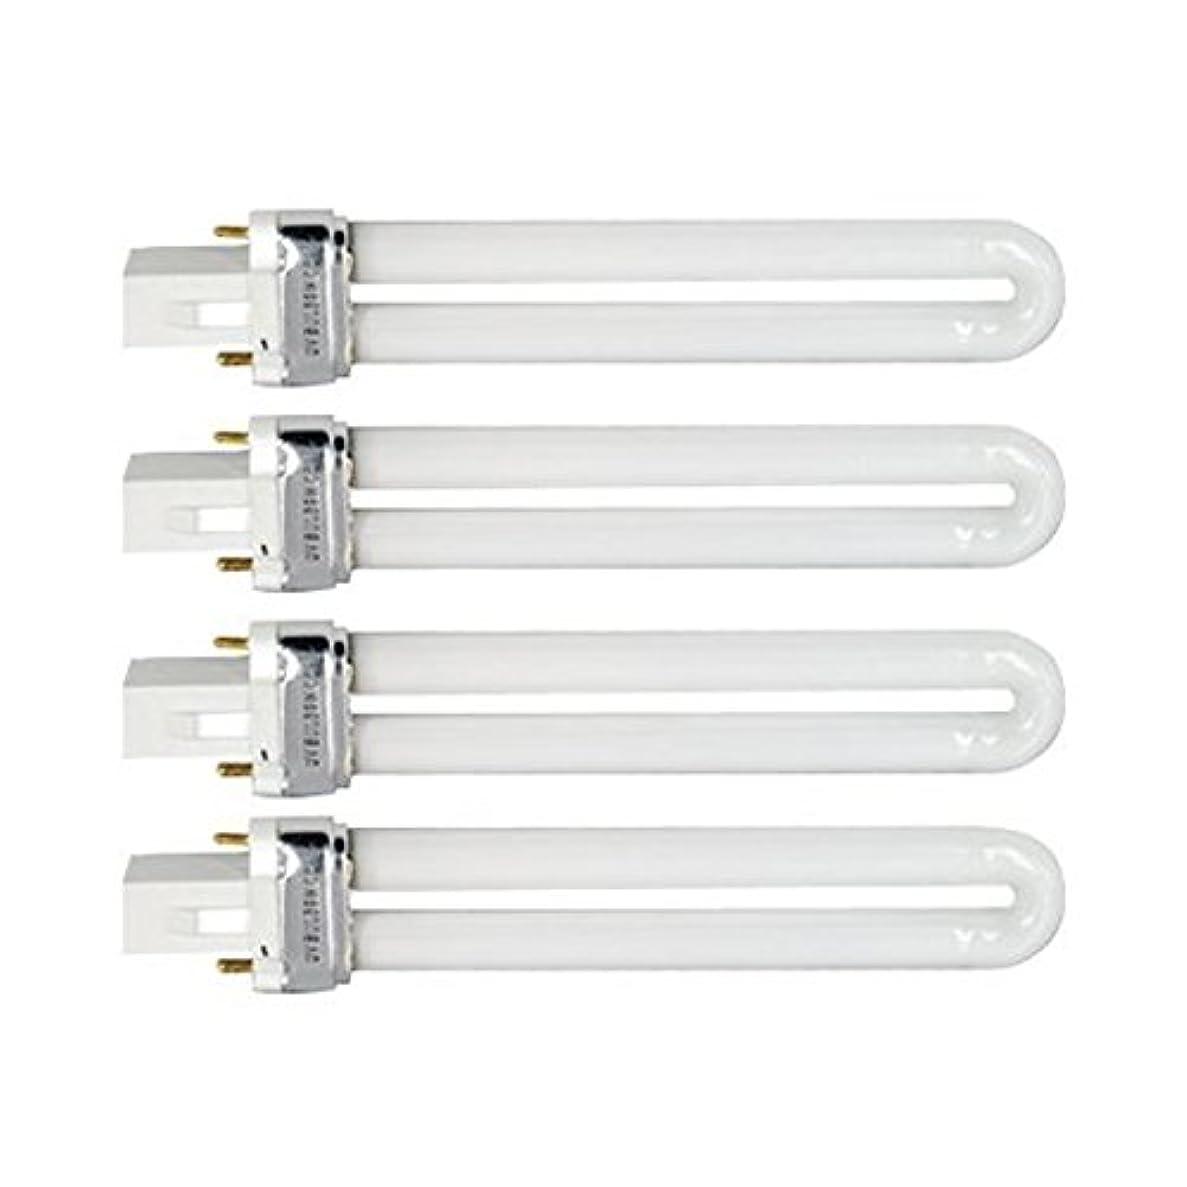 レジ女性矢印Tinksky UV灯 紫外線 殺菌灯 電球交換 9 ワット U 型 365 nm ランプ電球チューブ ネイル アート Dryer-4 pcsset